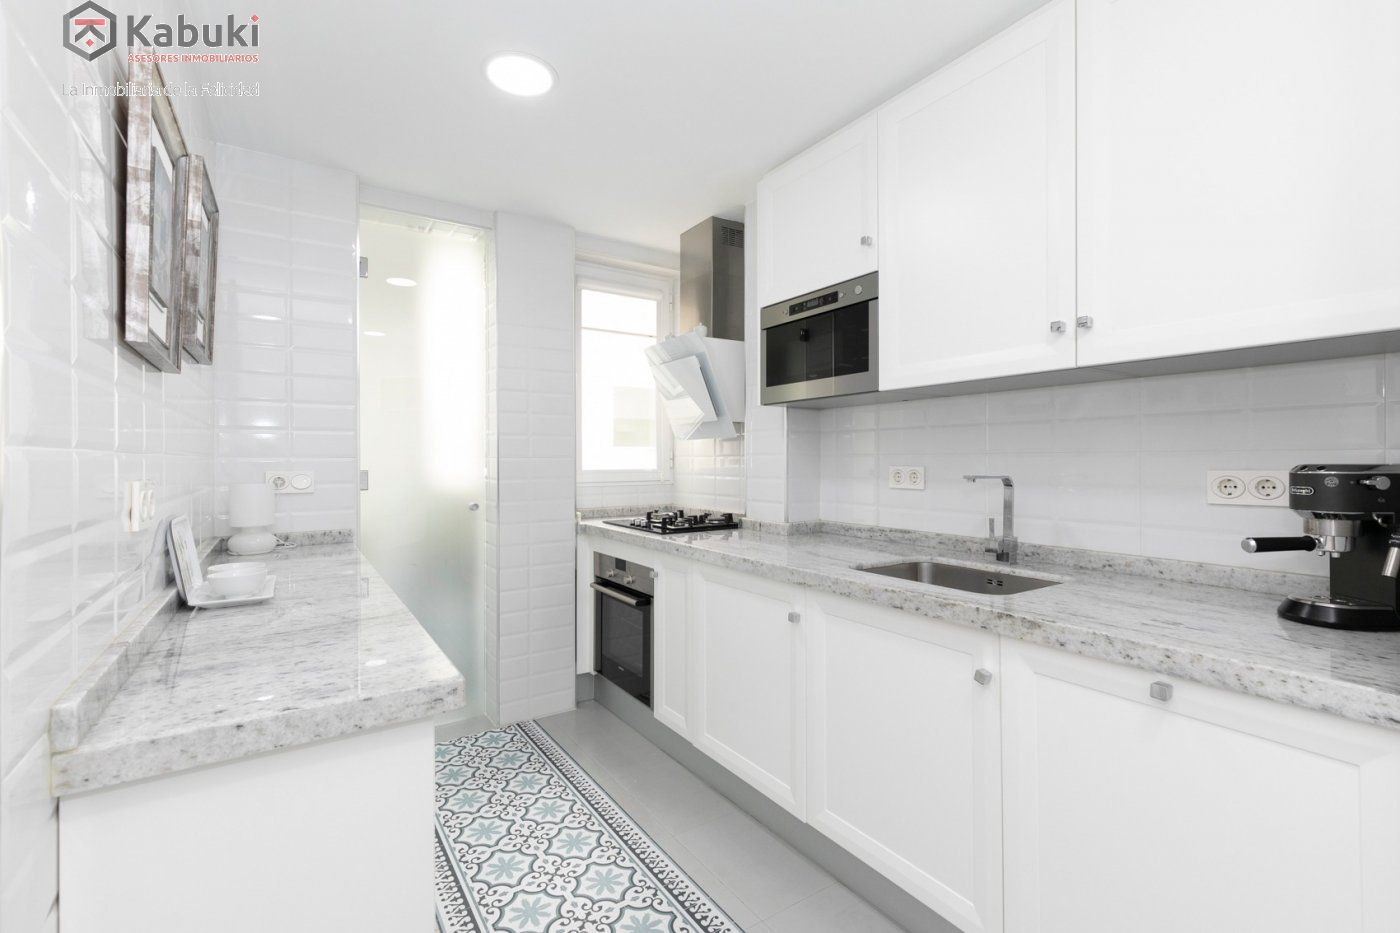 Magnífico piso en zona de recogidas, espacioso y luminoso en planta alta. - imagenInmueble11